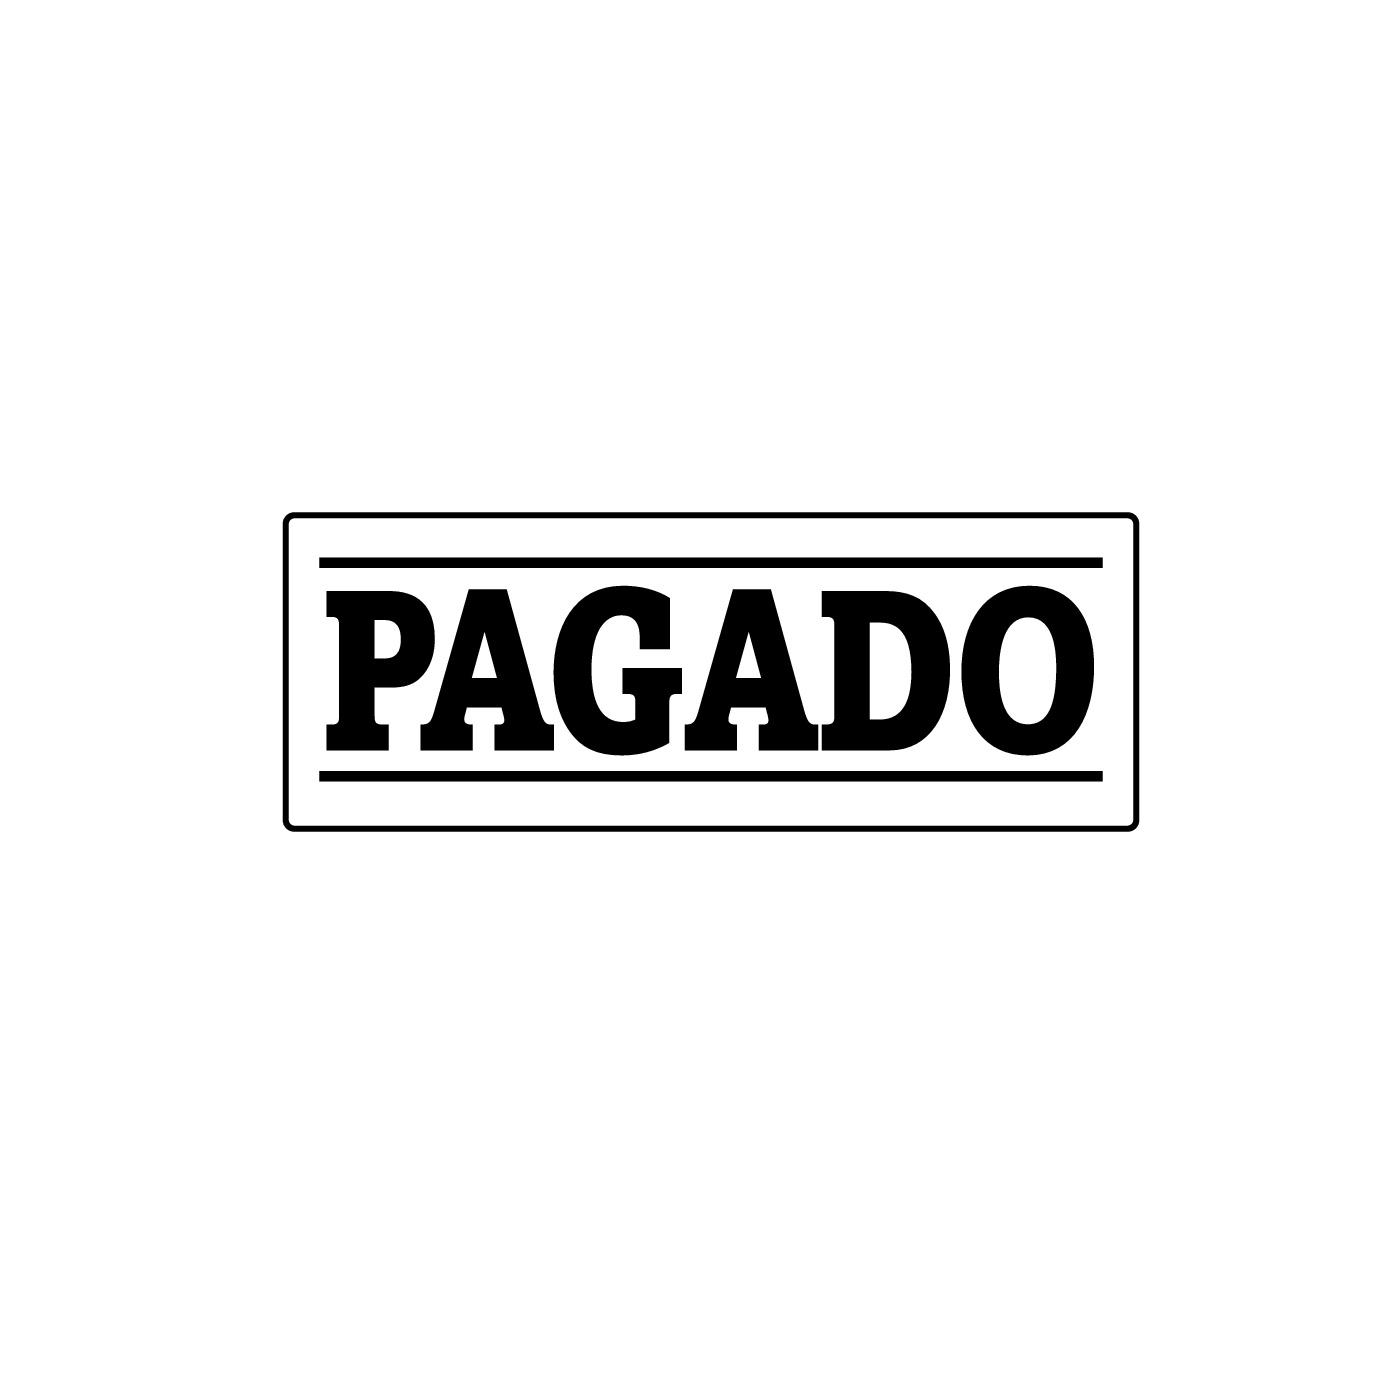 pagado-001